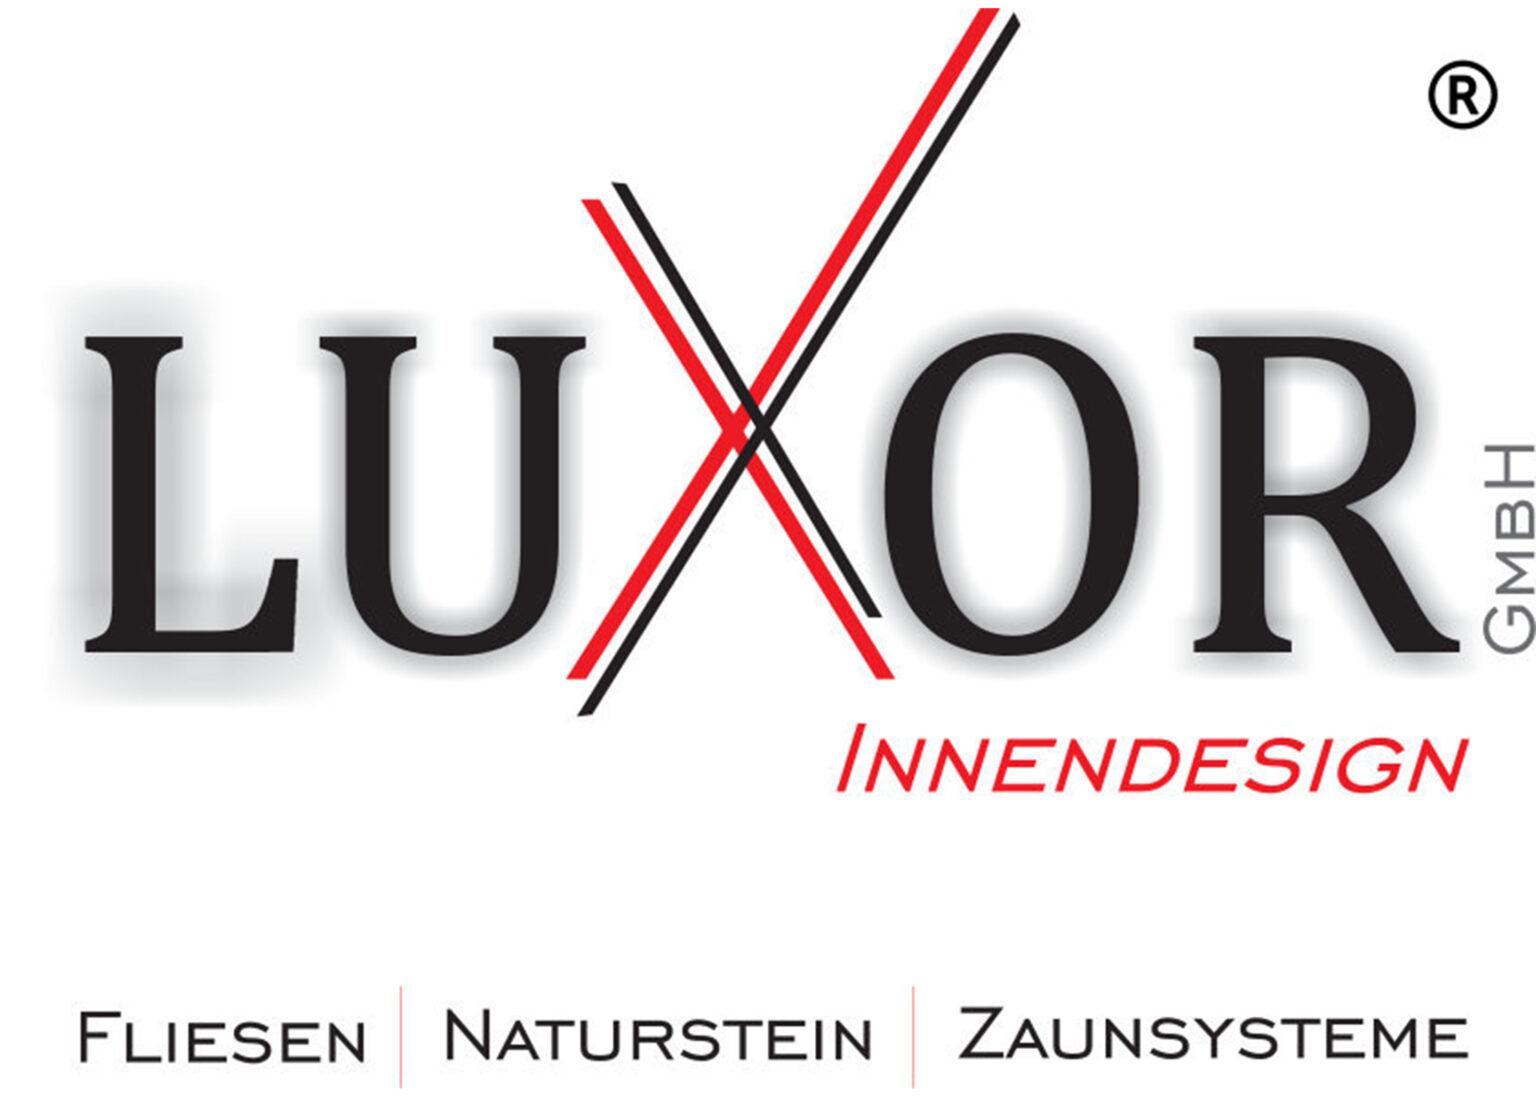 Luxor Innendesign GmbH logo